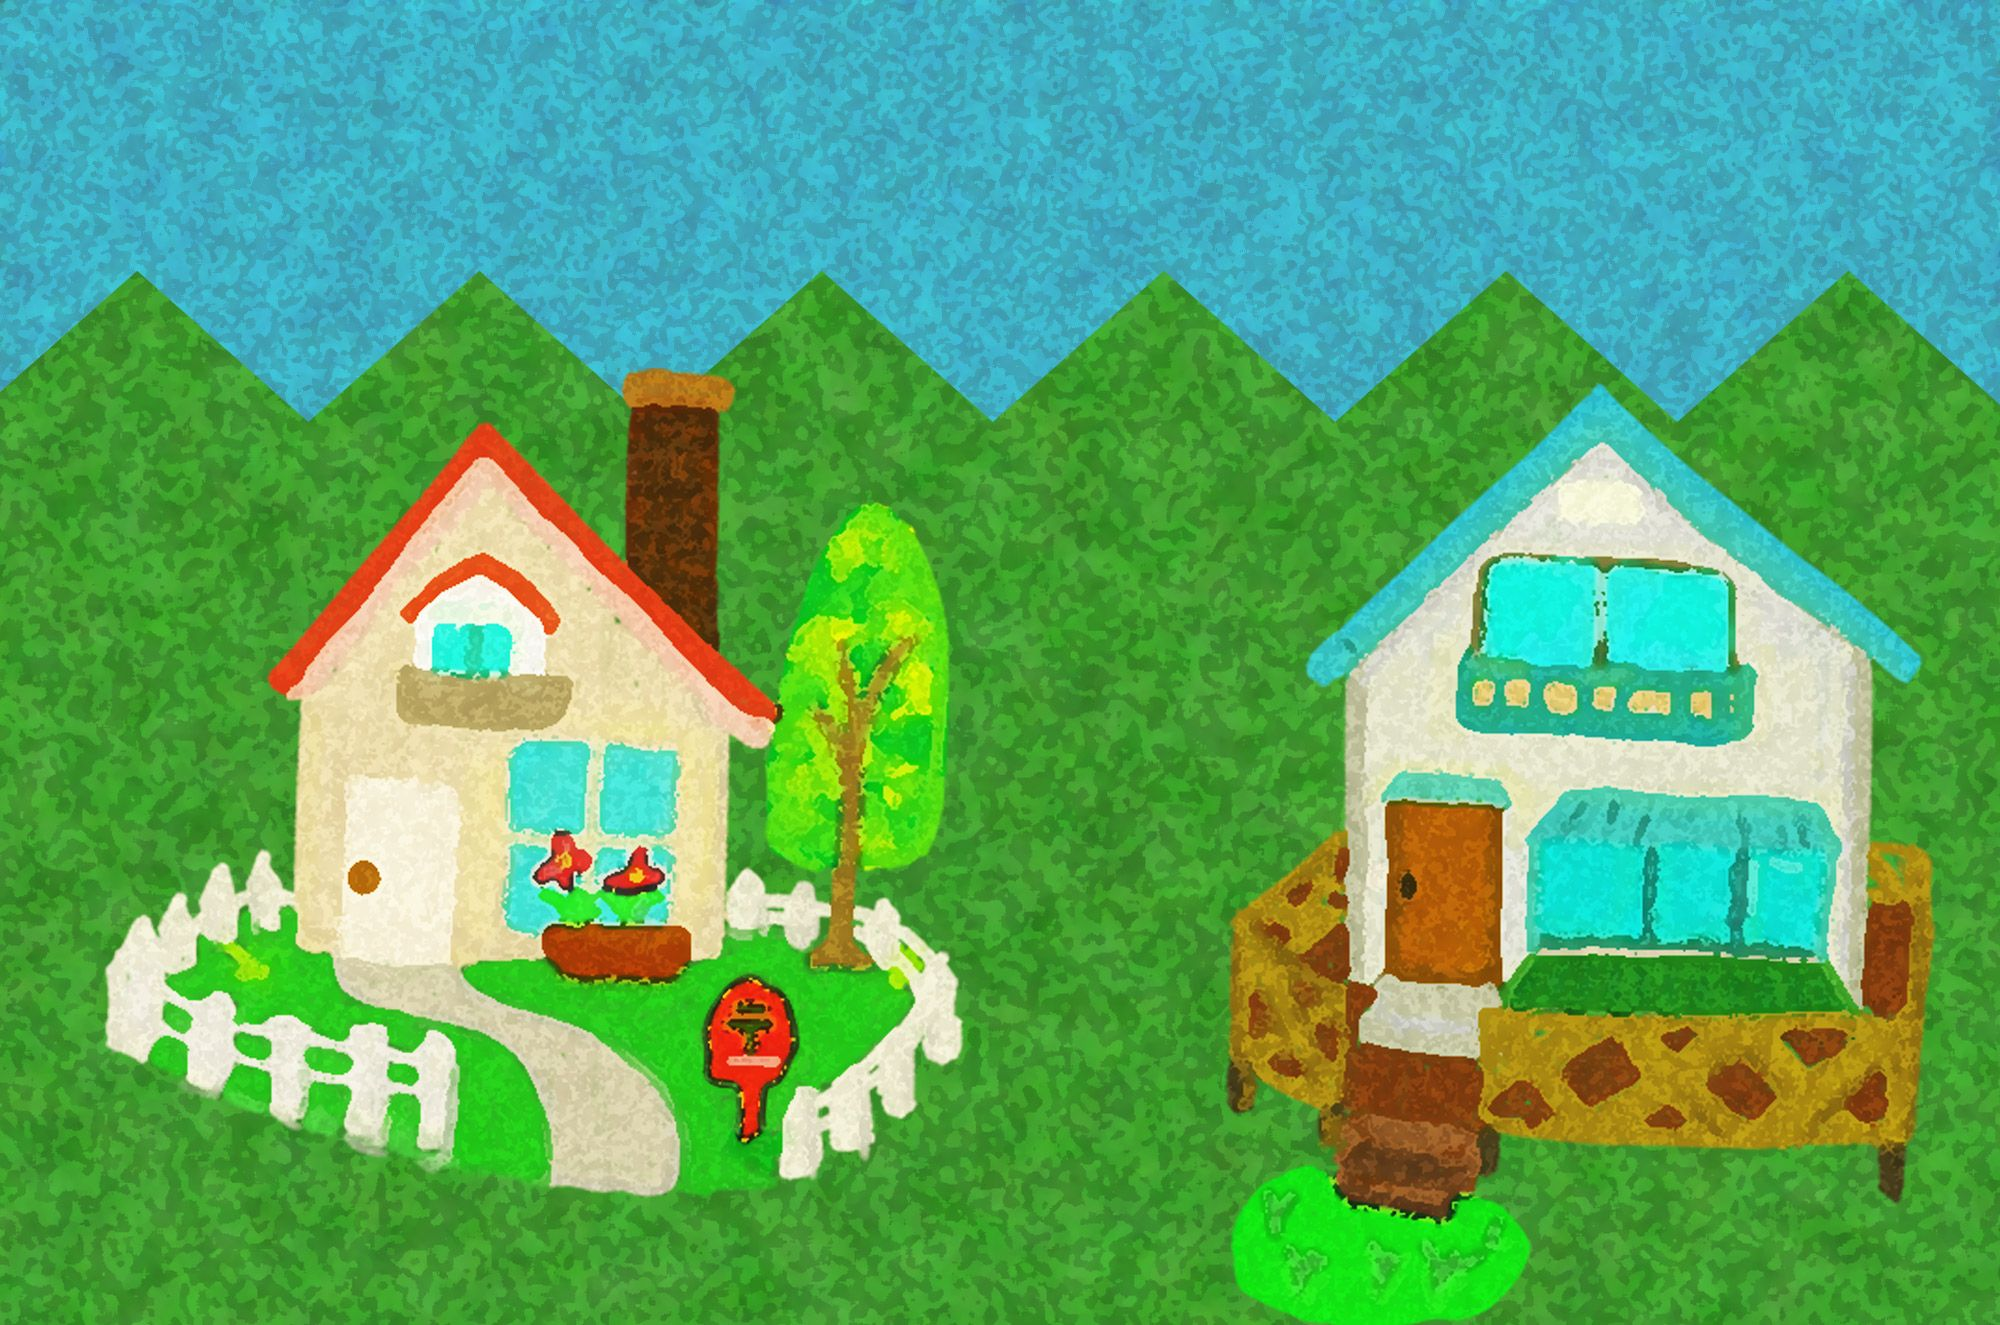 可愛い家のイラスト。 | フリーイラスト素材集 | pinterest